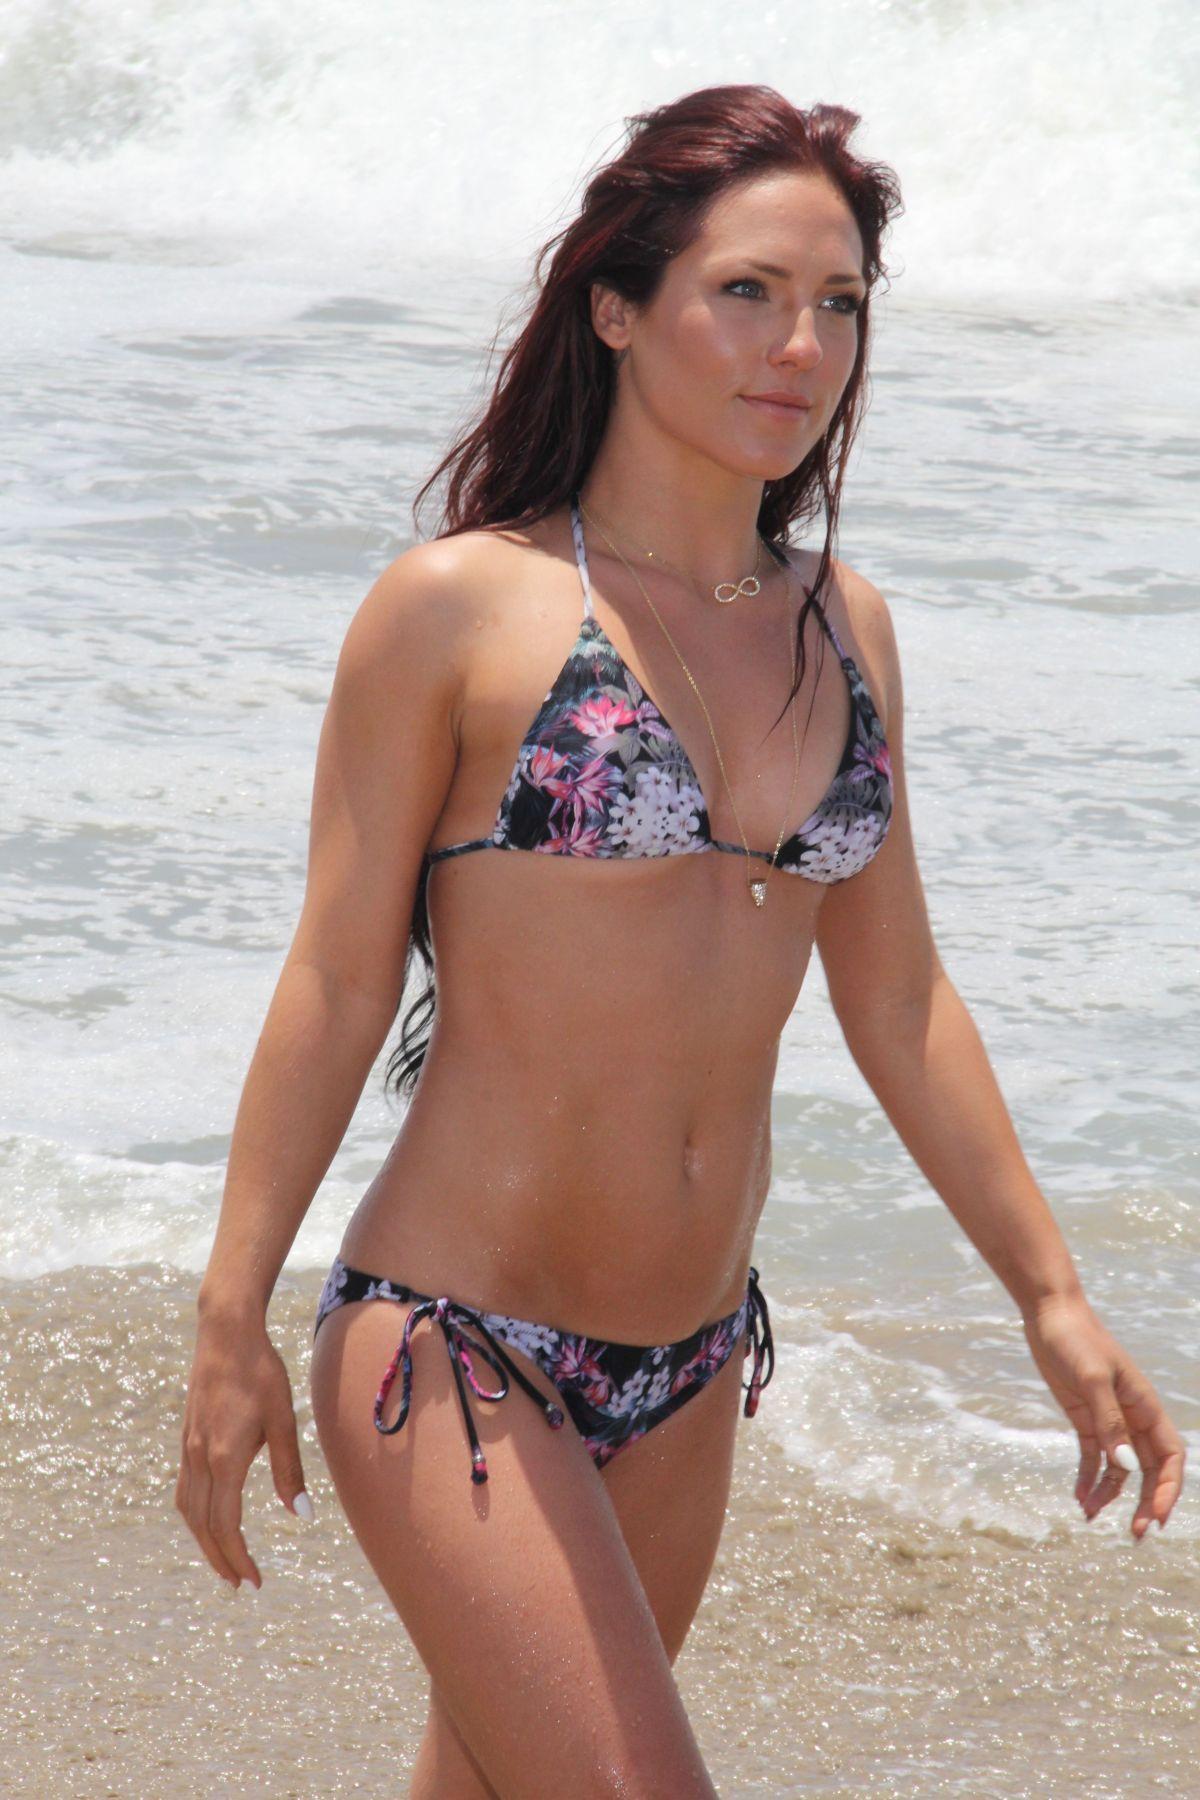 Ass Sharna Burgess nudes (66 photos), Topless, Fappening, Selfie, bra 2006